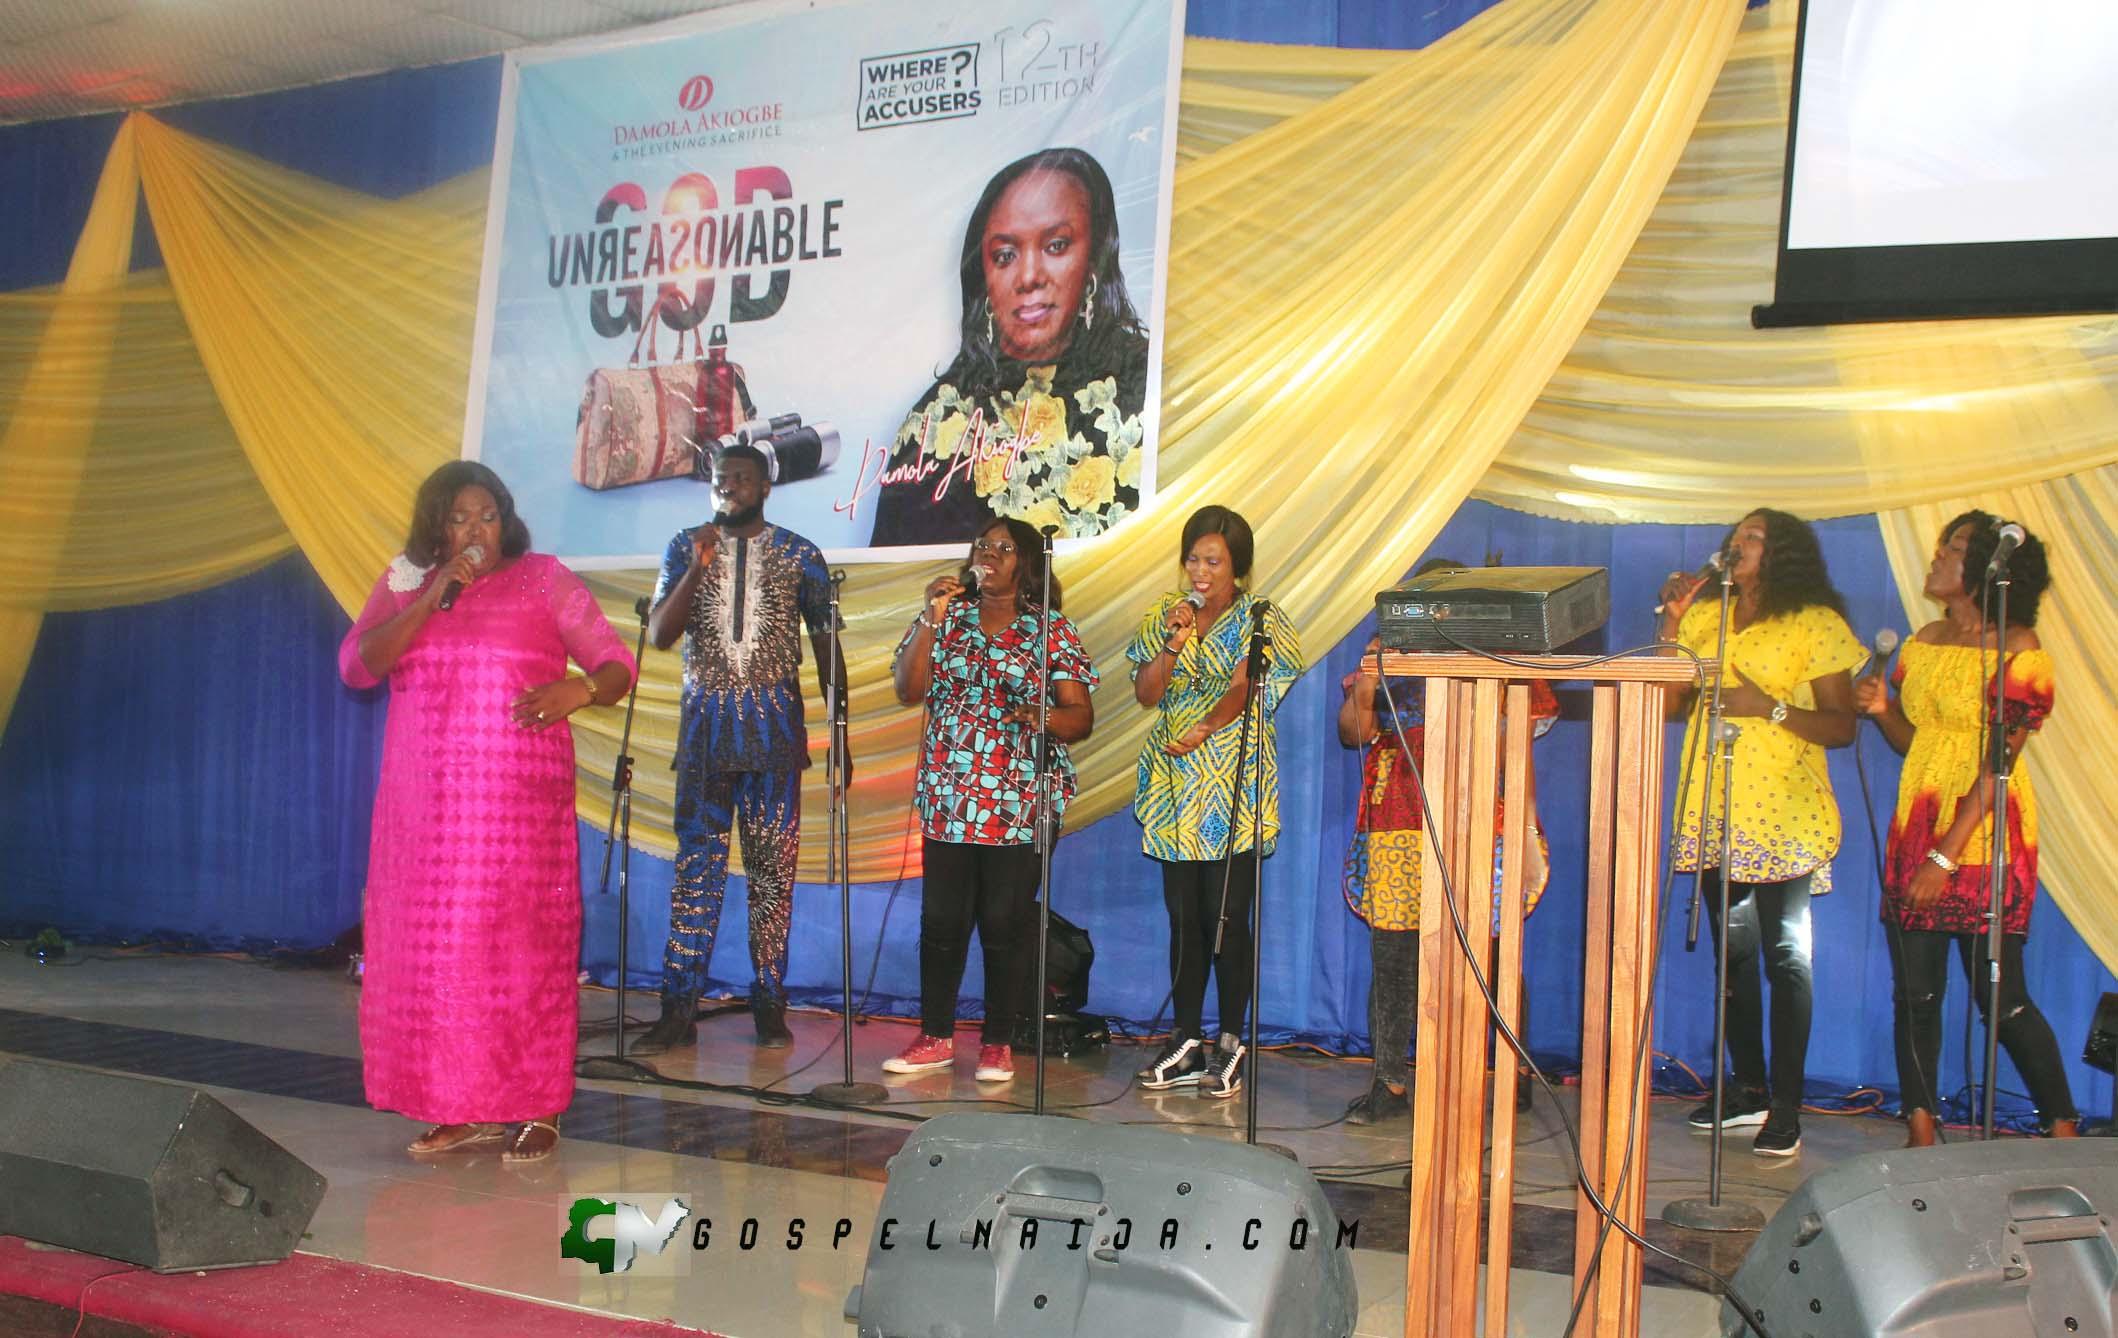 UNREASONABLE GOD with Damola Akiogbe WAYA 2017 [@DamolaWAYA] (1)